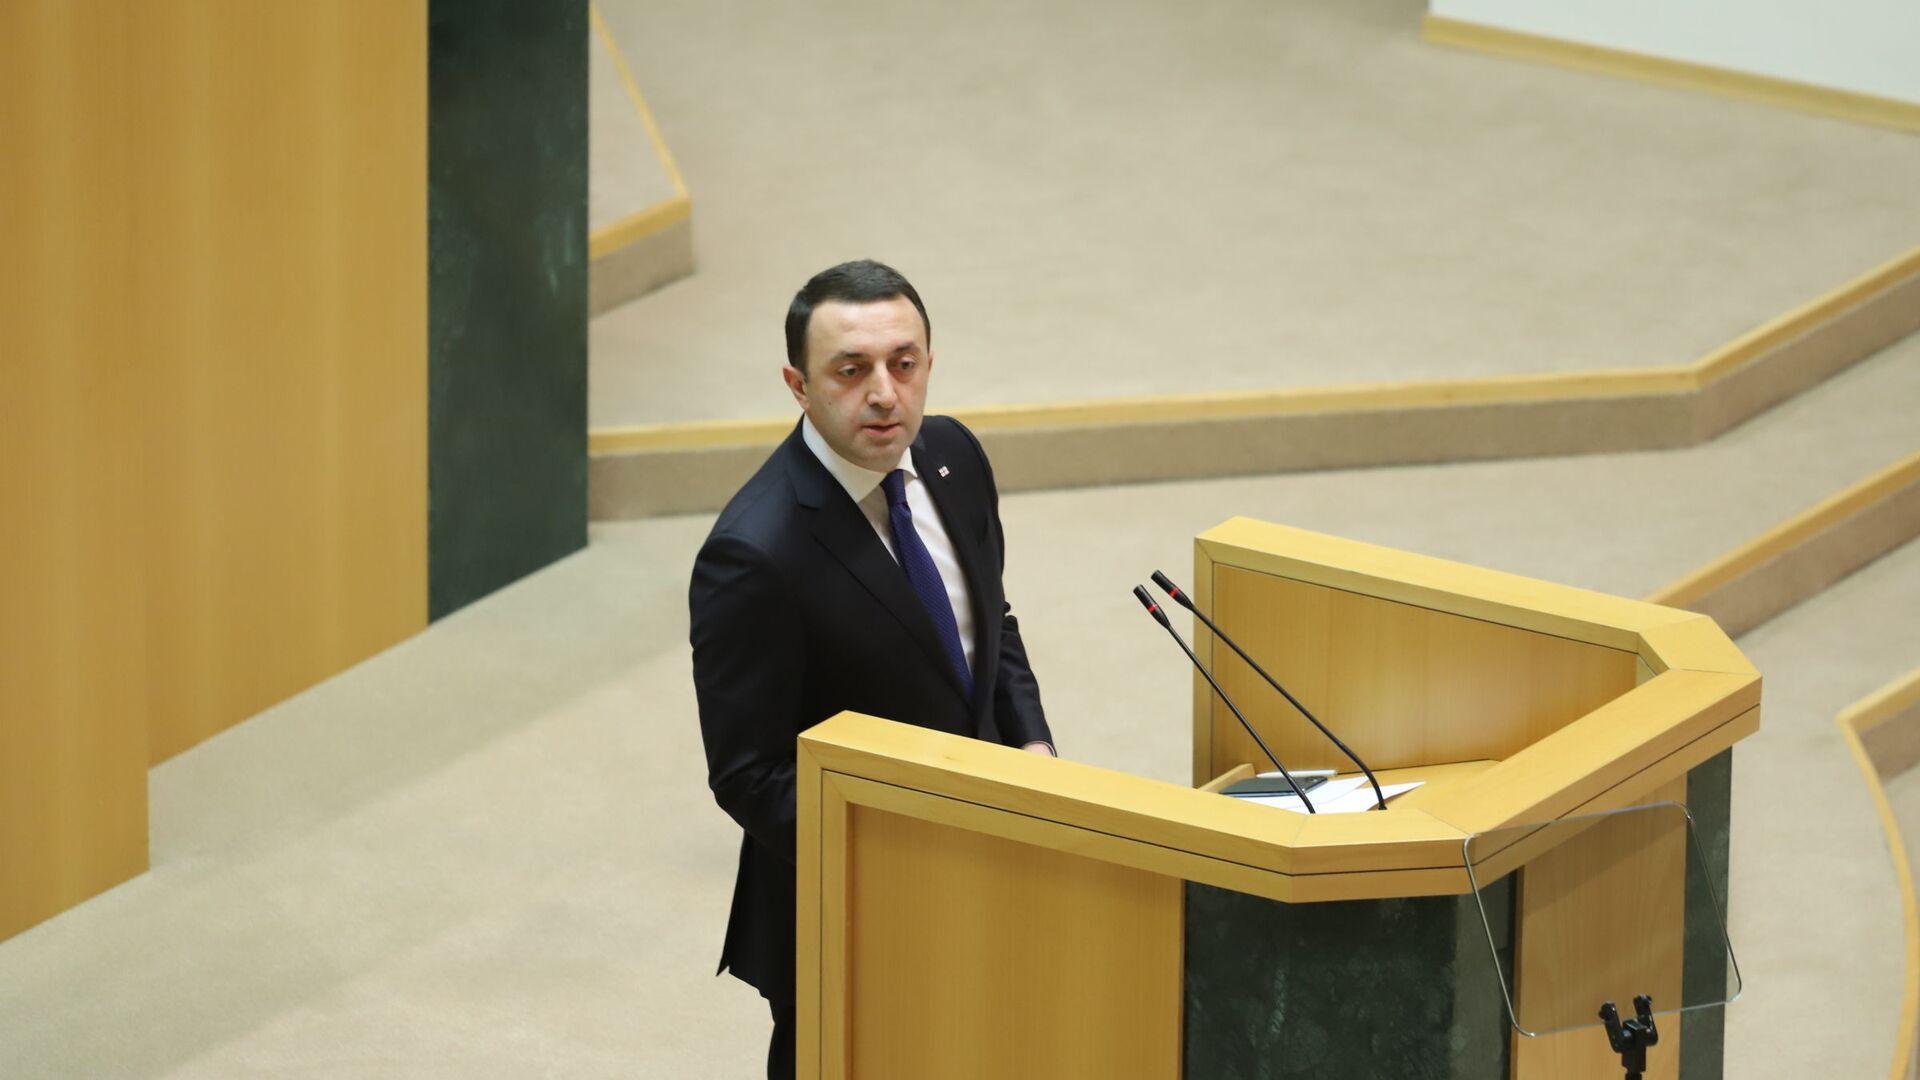 Ираклий Гарибашвили выступает в парламенте Грузии - Sputnik Грузия, 1920, 25.06.2021